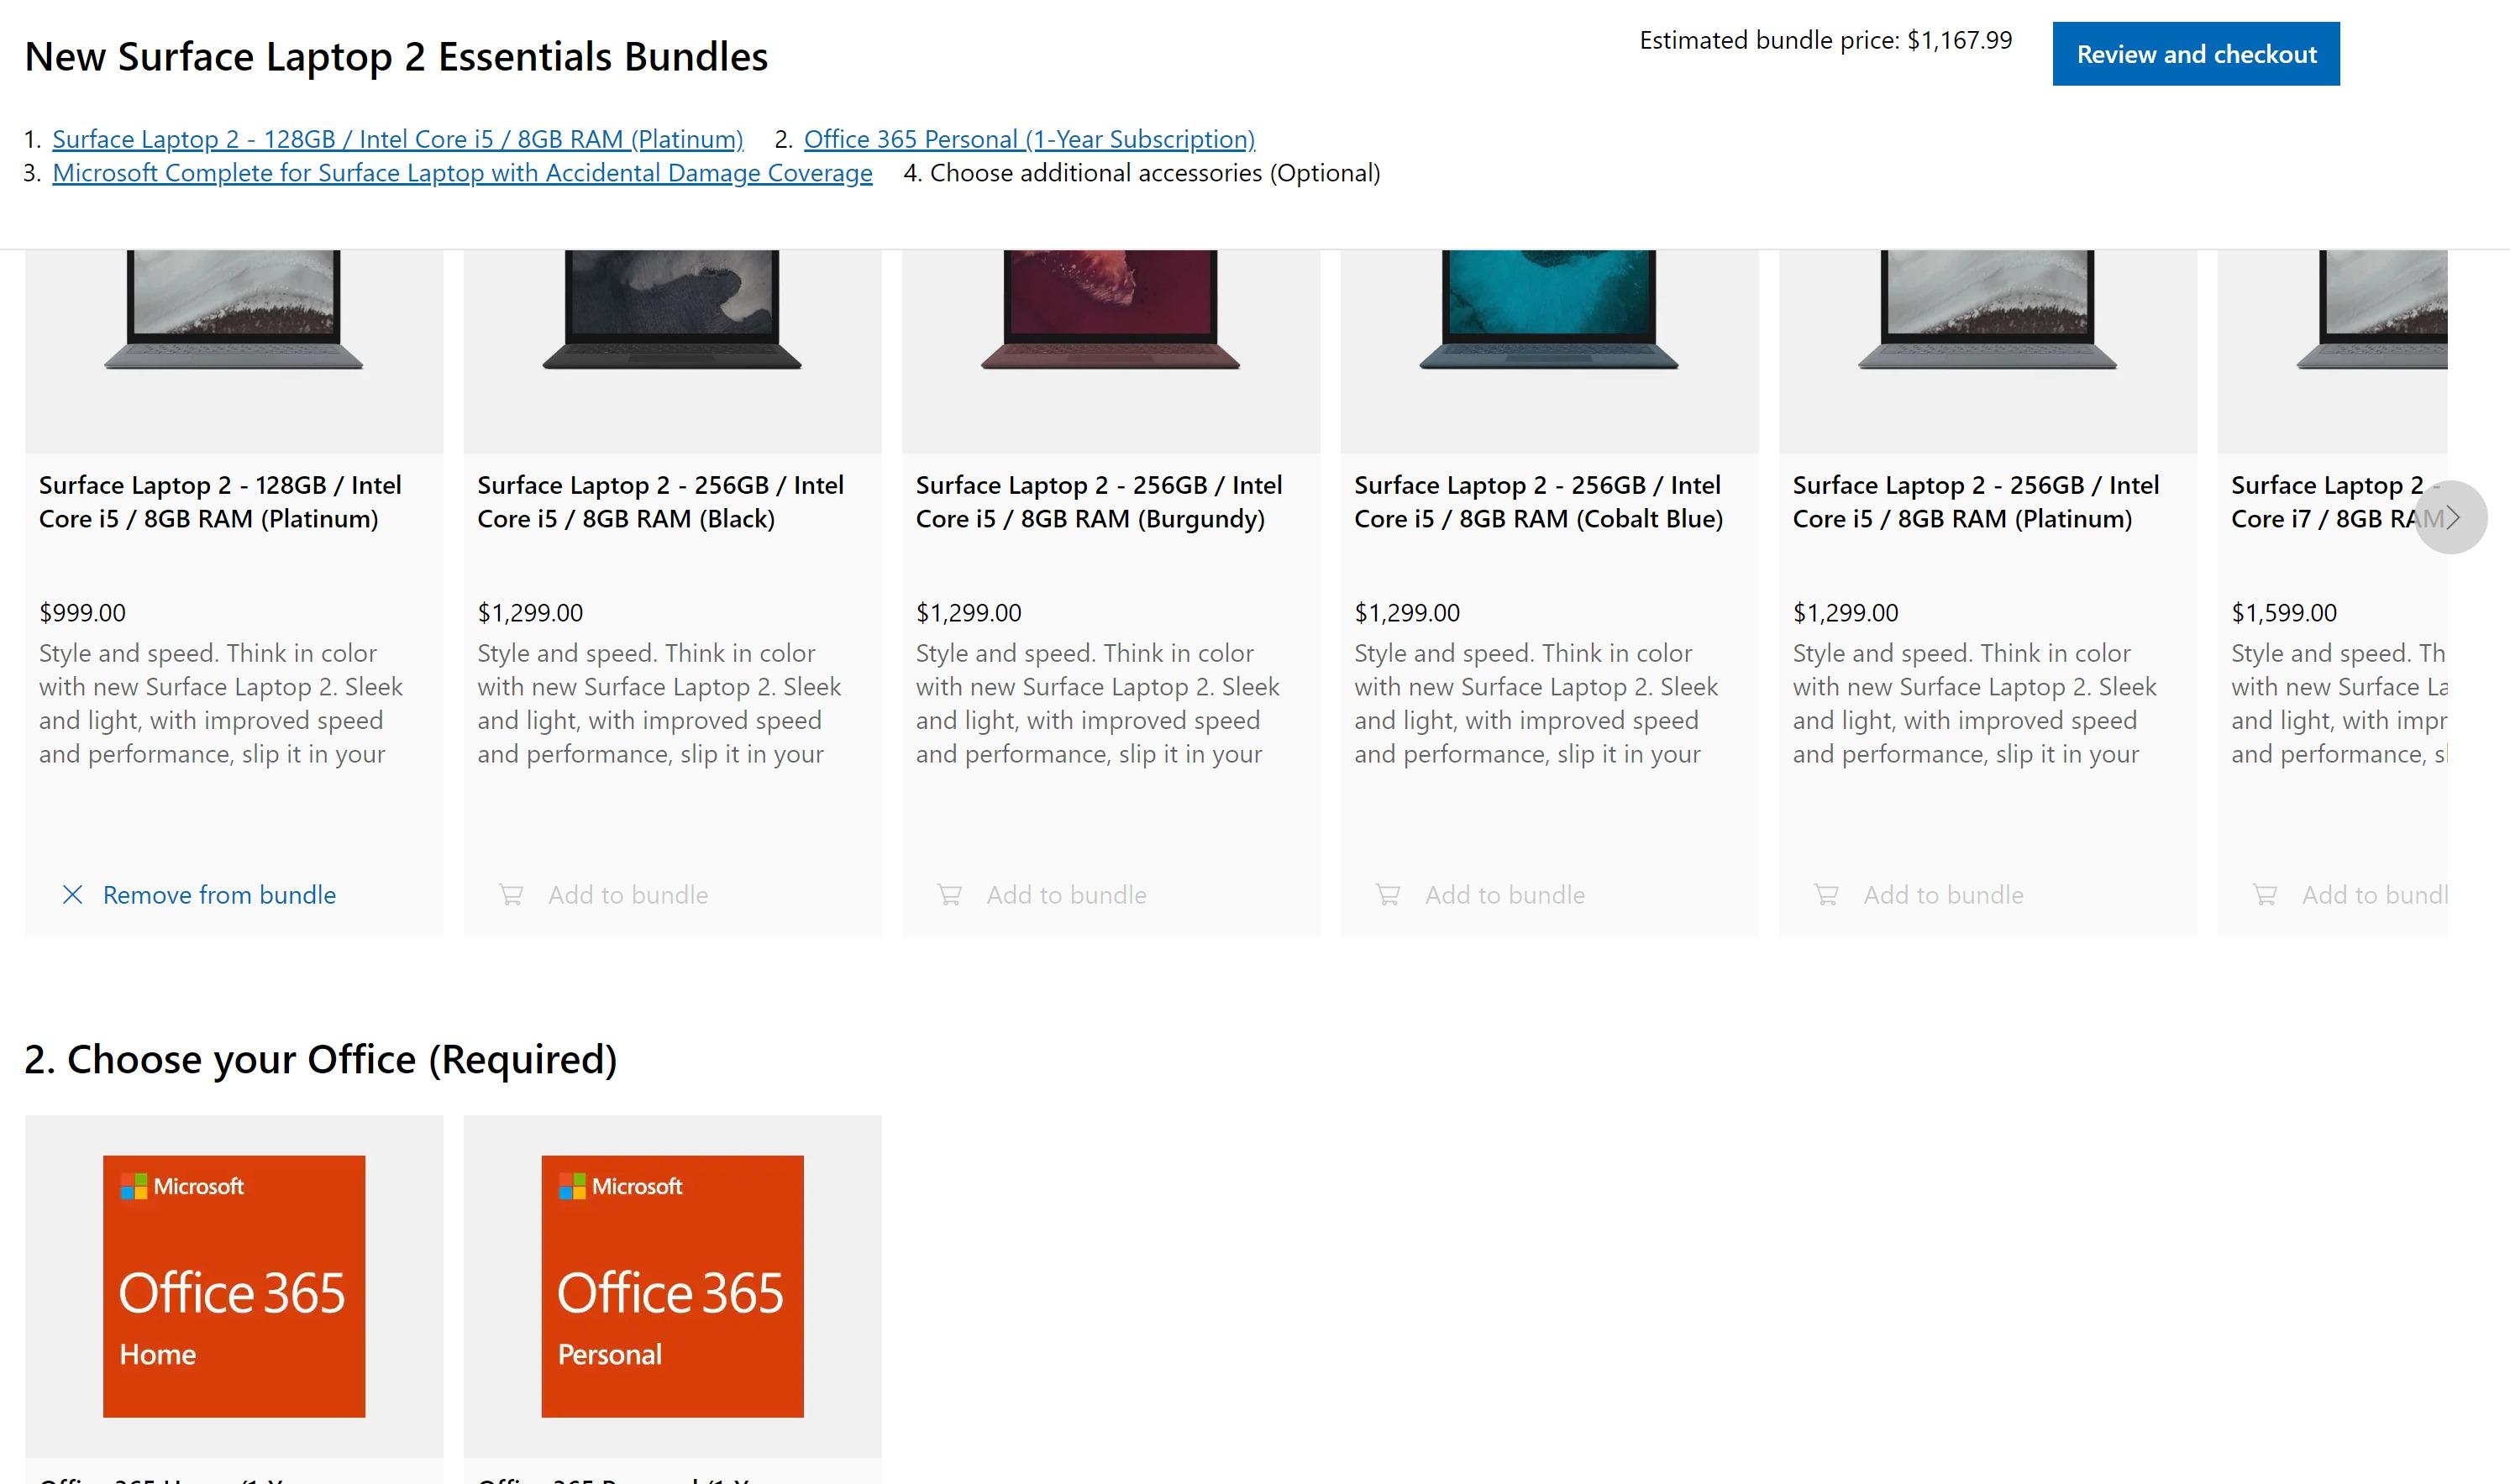 서피스 랩탑 2의 기본 사양 모델을 구매할 수 있지만, 에센셜 번들로만 가능하며 색상은 백금색뿐이다.